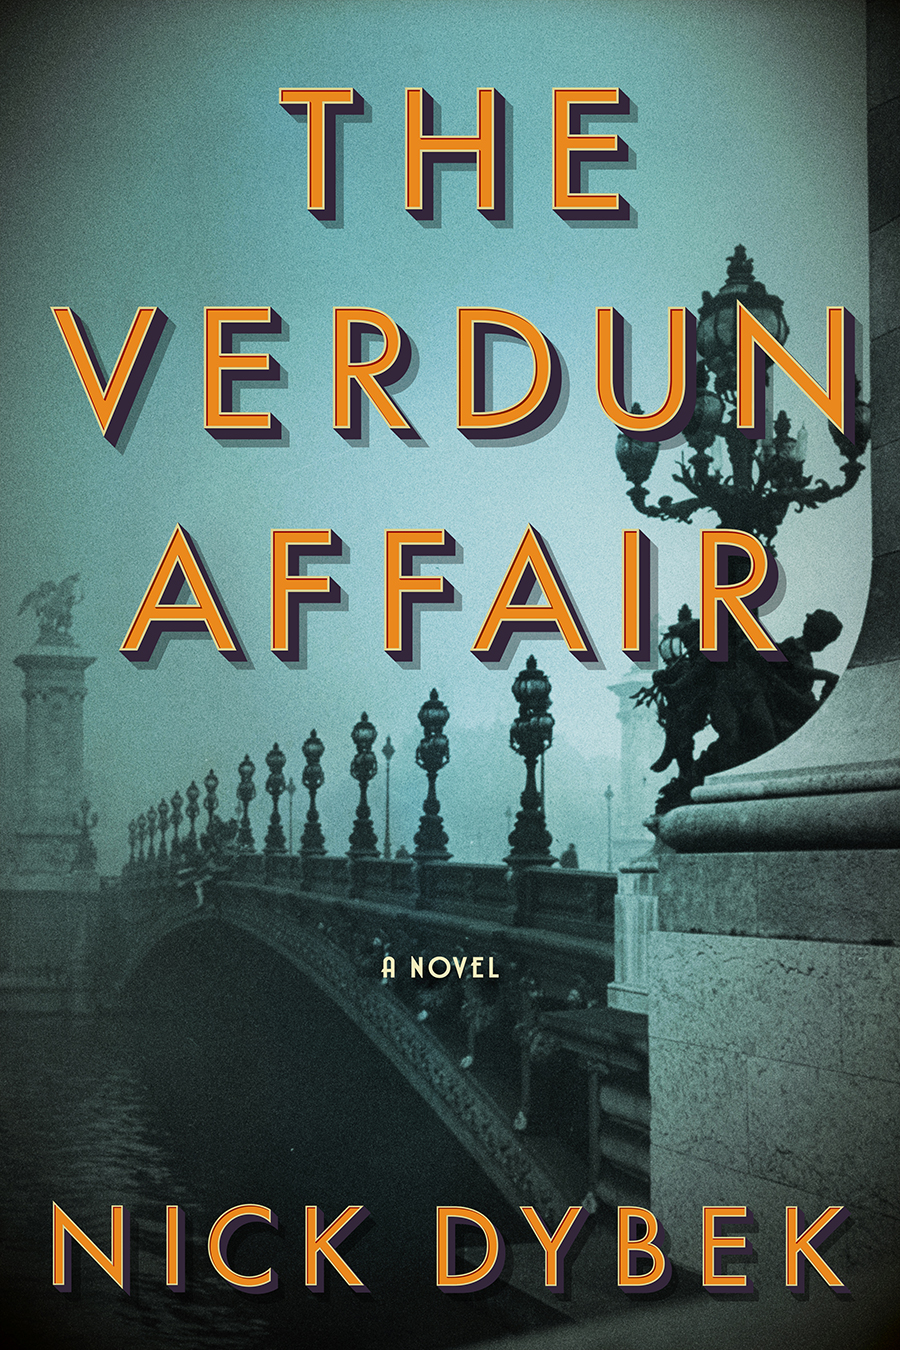 The Verdun Affair  by Nick Dybek  Scribner --- June 12, 2018